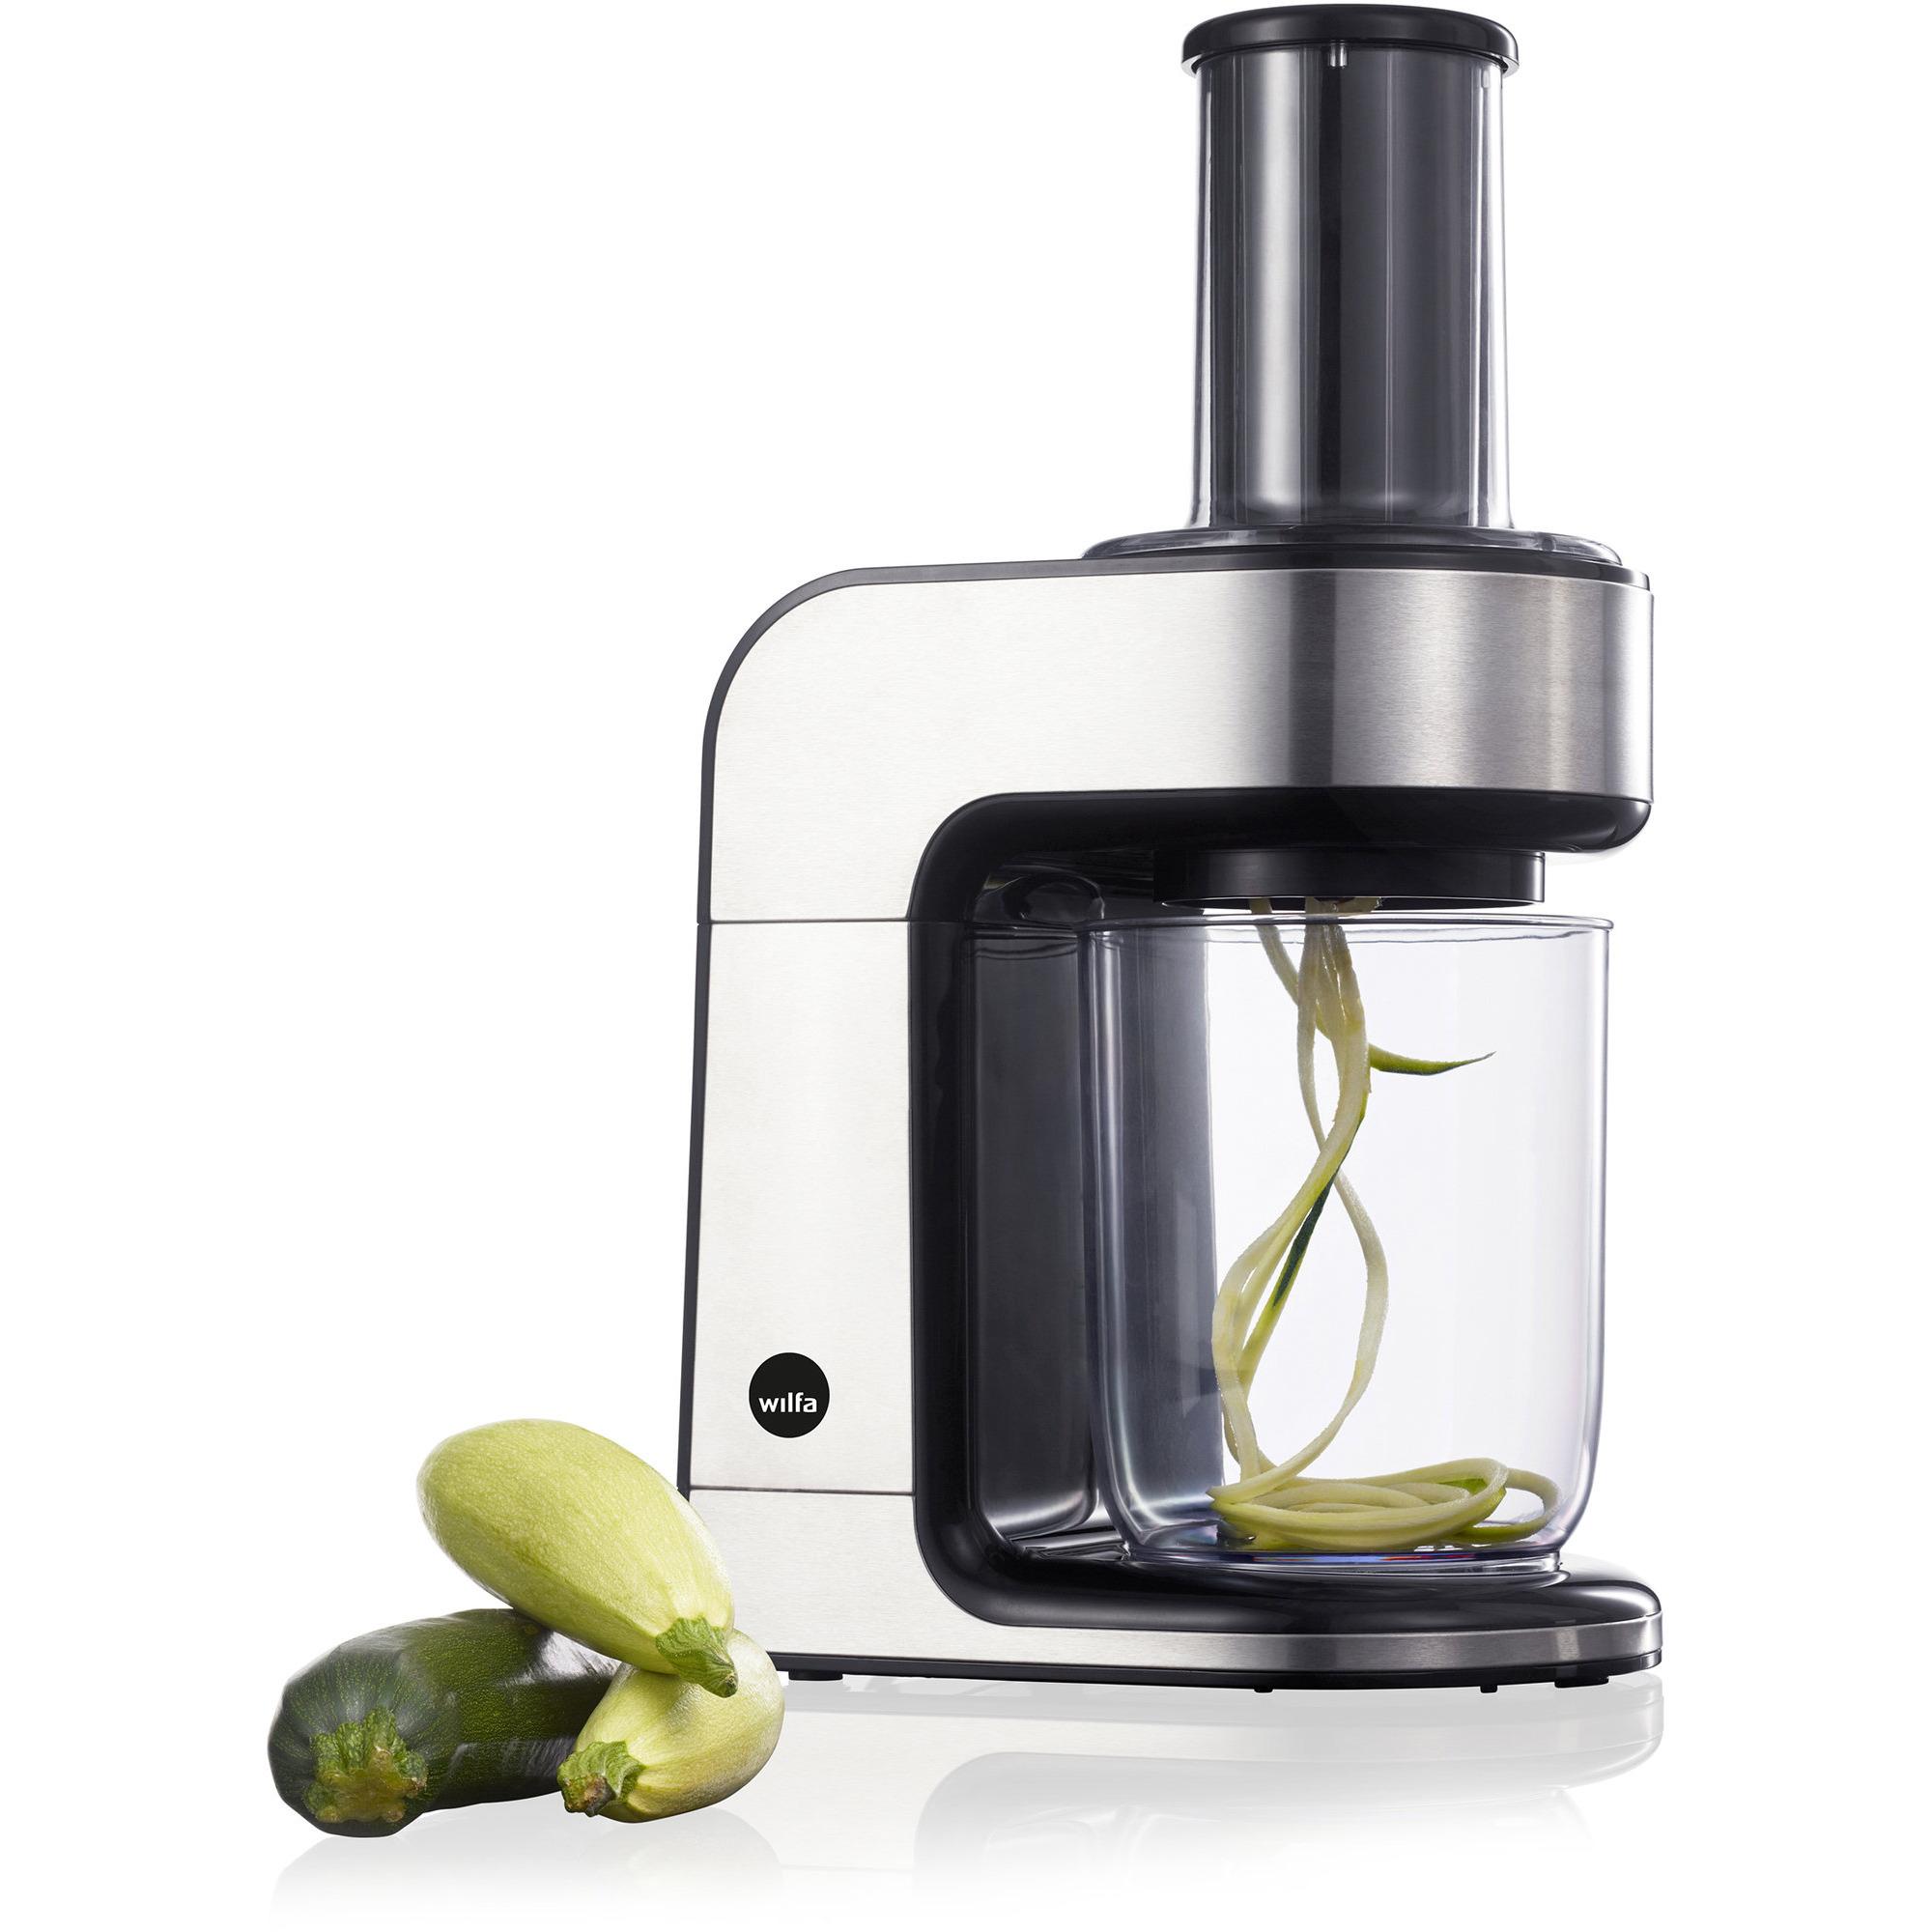 Wilfa Curly Spiralizer Grönsaksskärare Rostfritt Stål